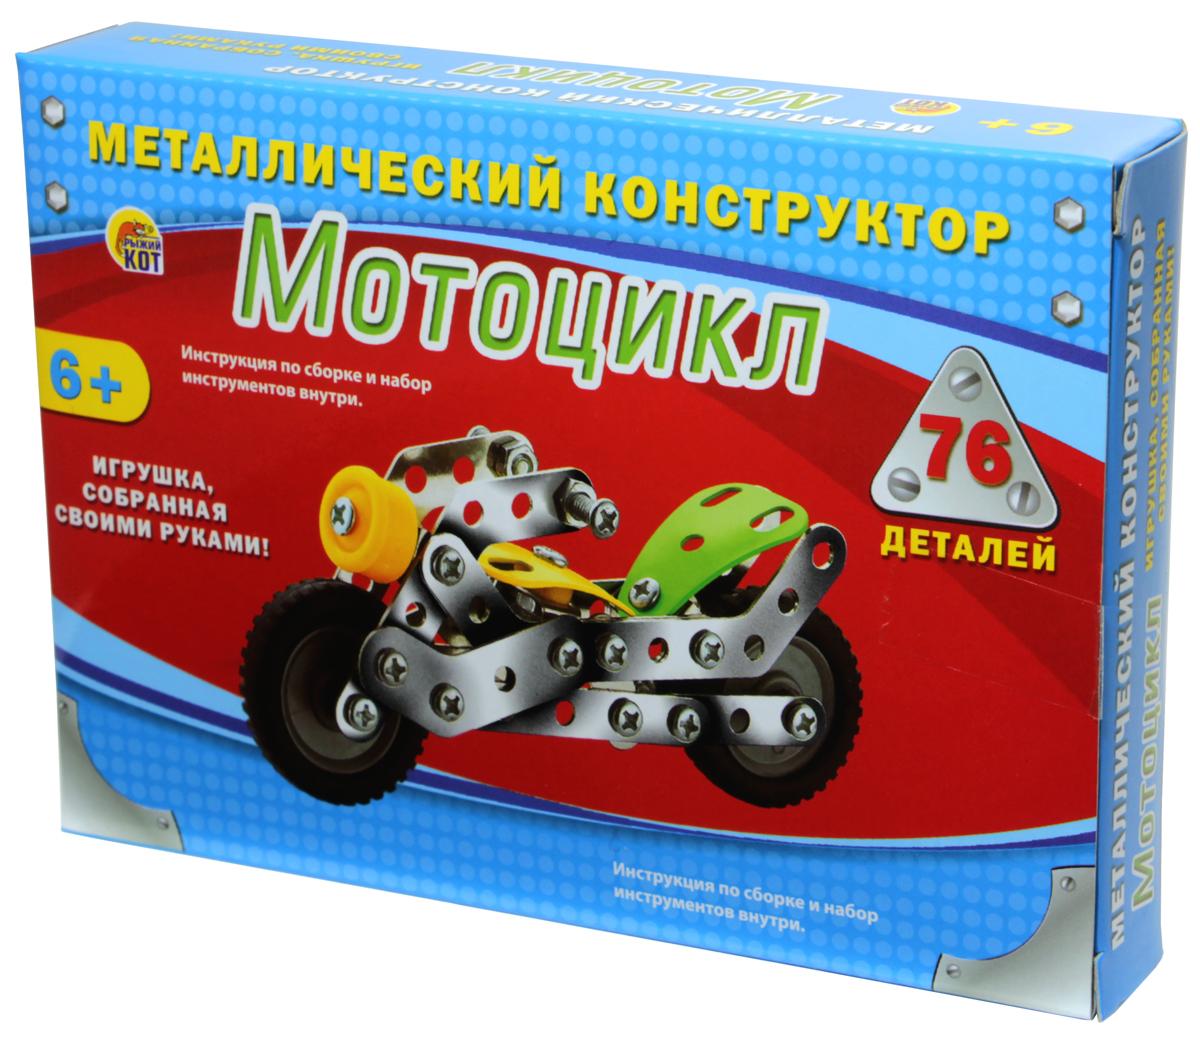 Рыжий Кот Конструктор Мотоцикл рыжий кот железная дорога конструктор суперстарт